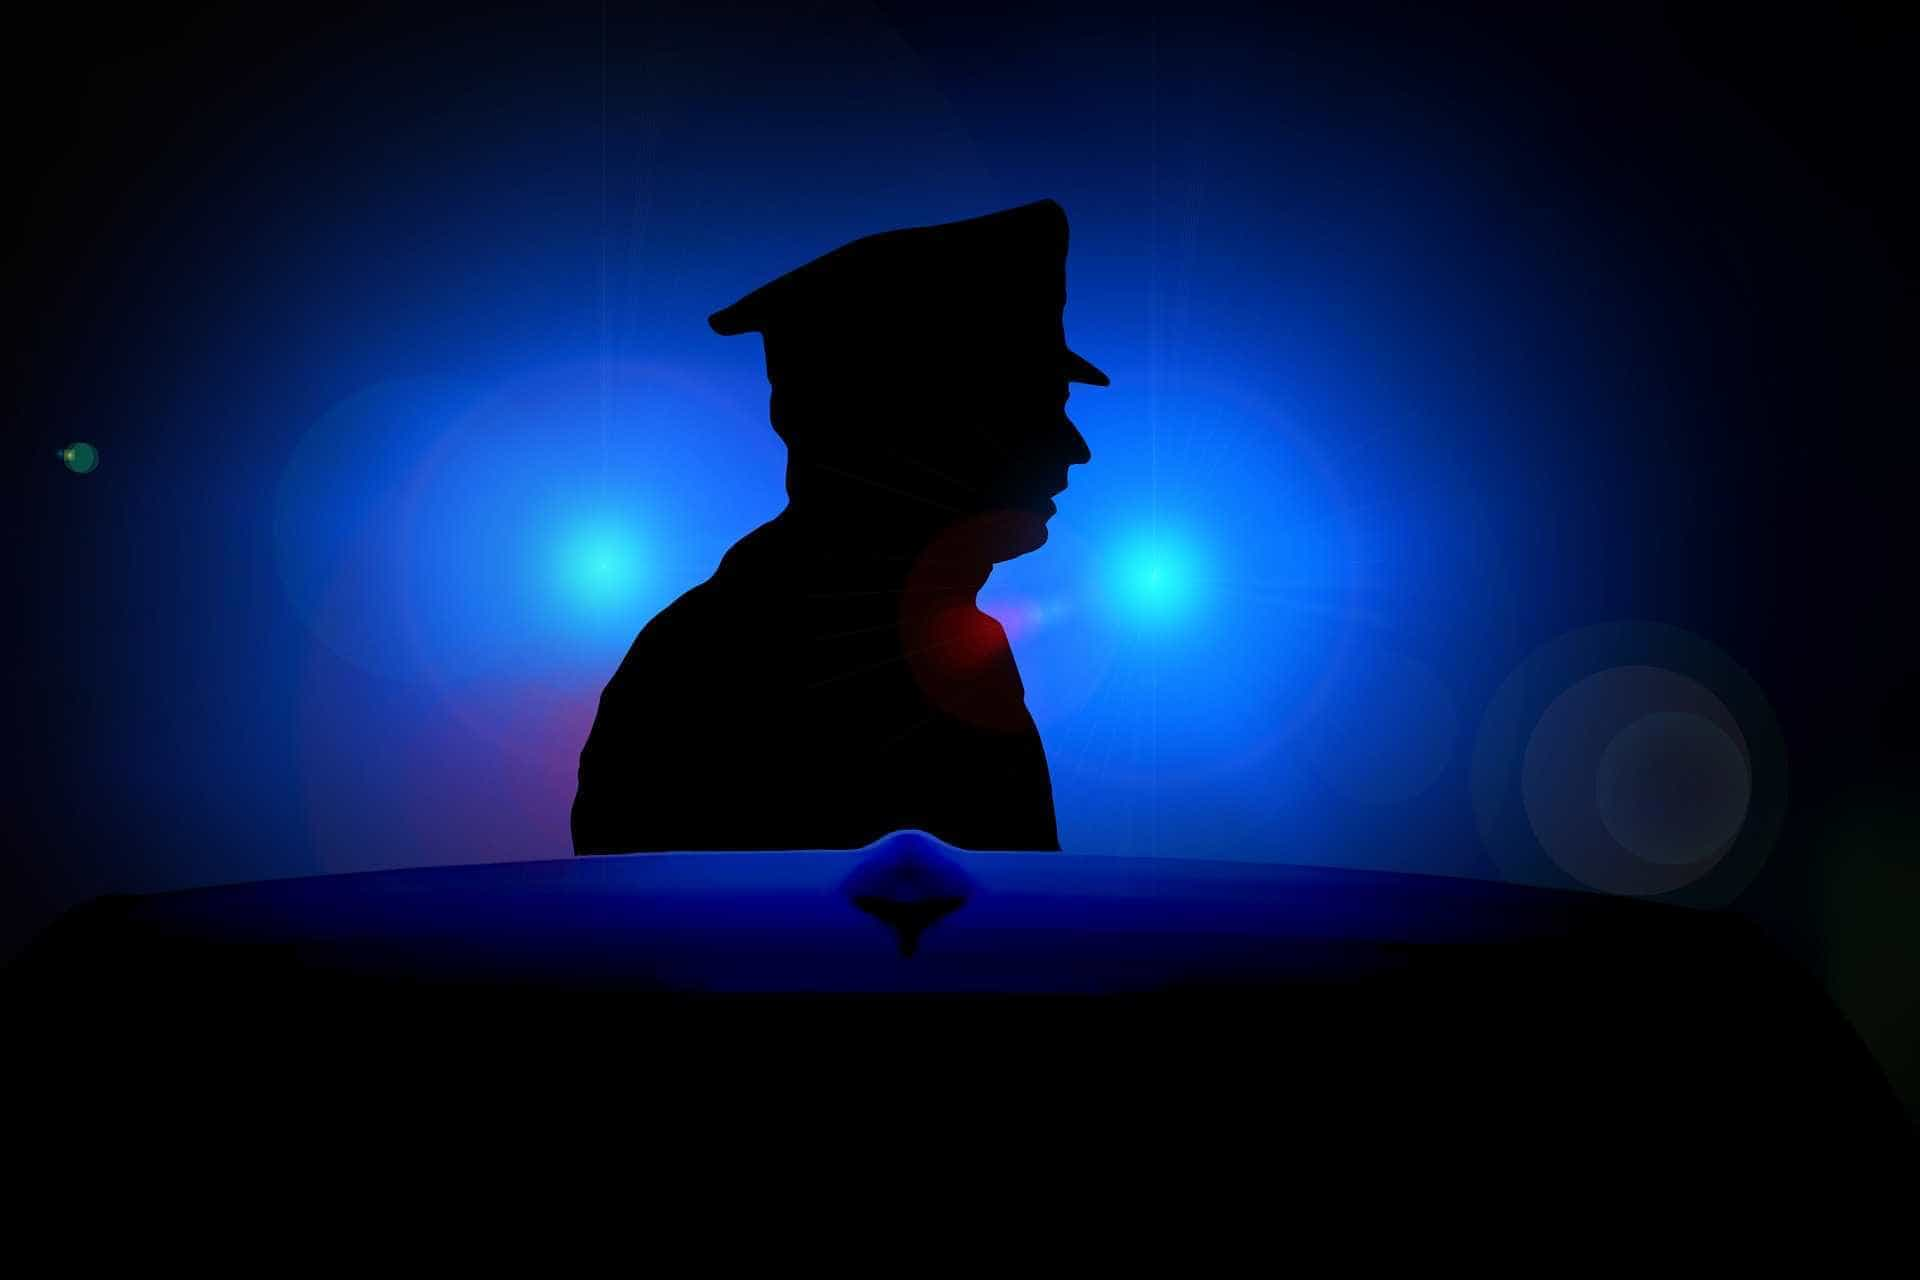 Polícia espanhola põe fim a perseguição com manobra espetacular